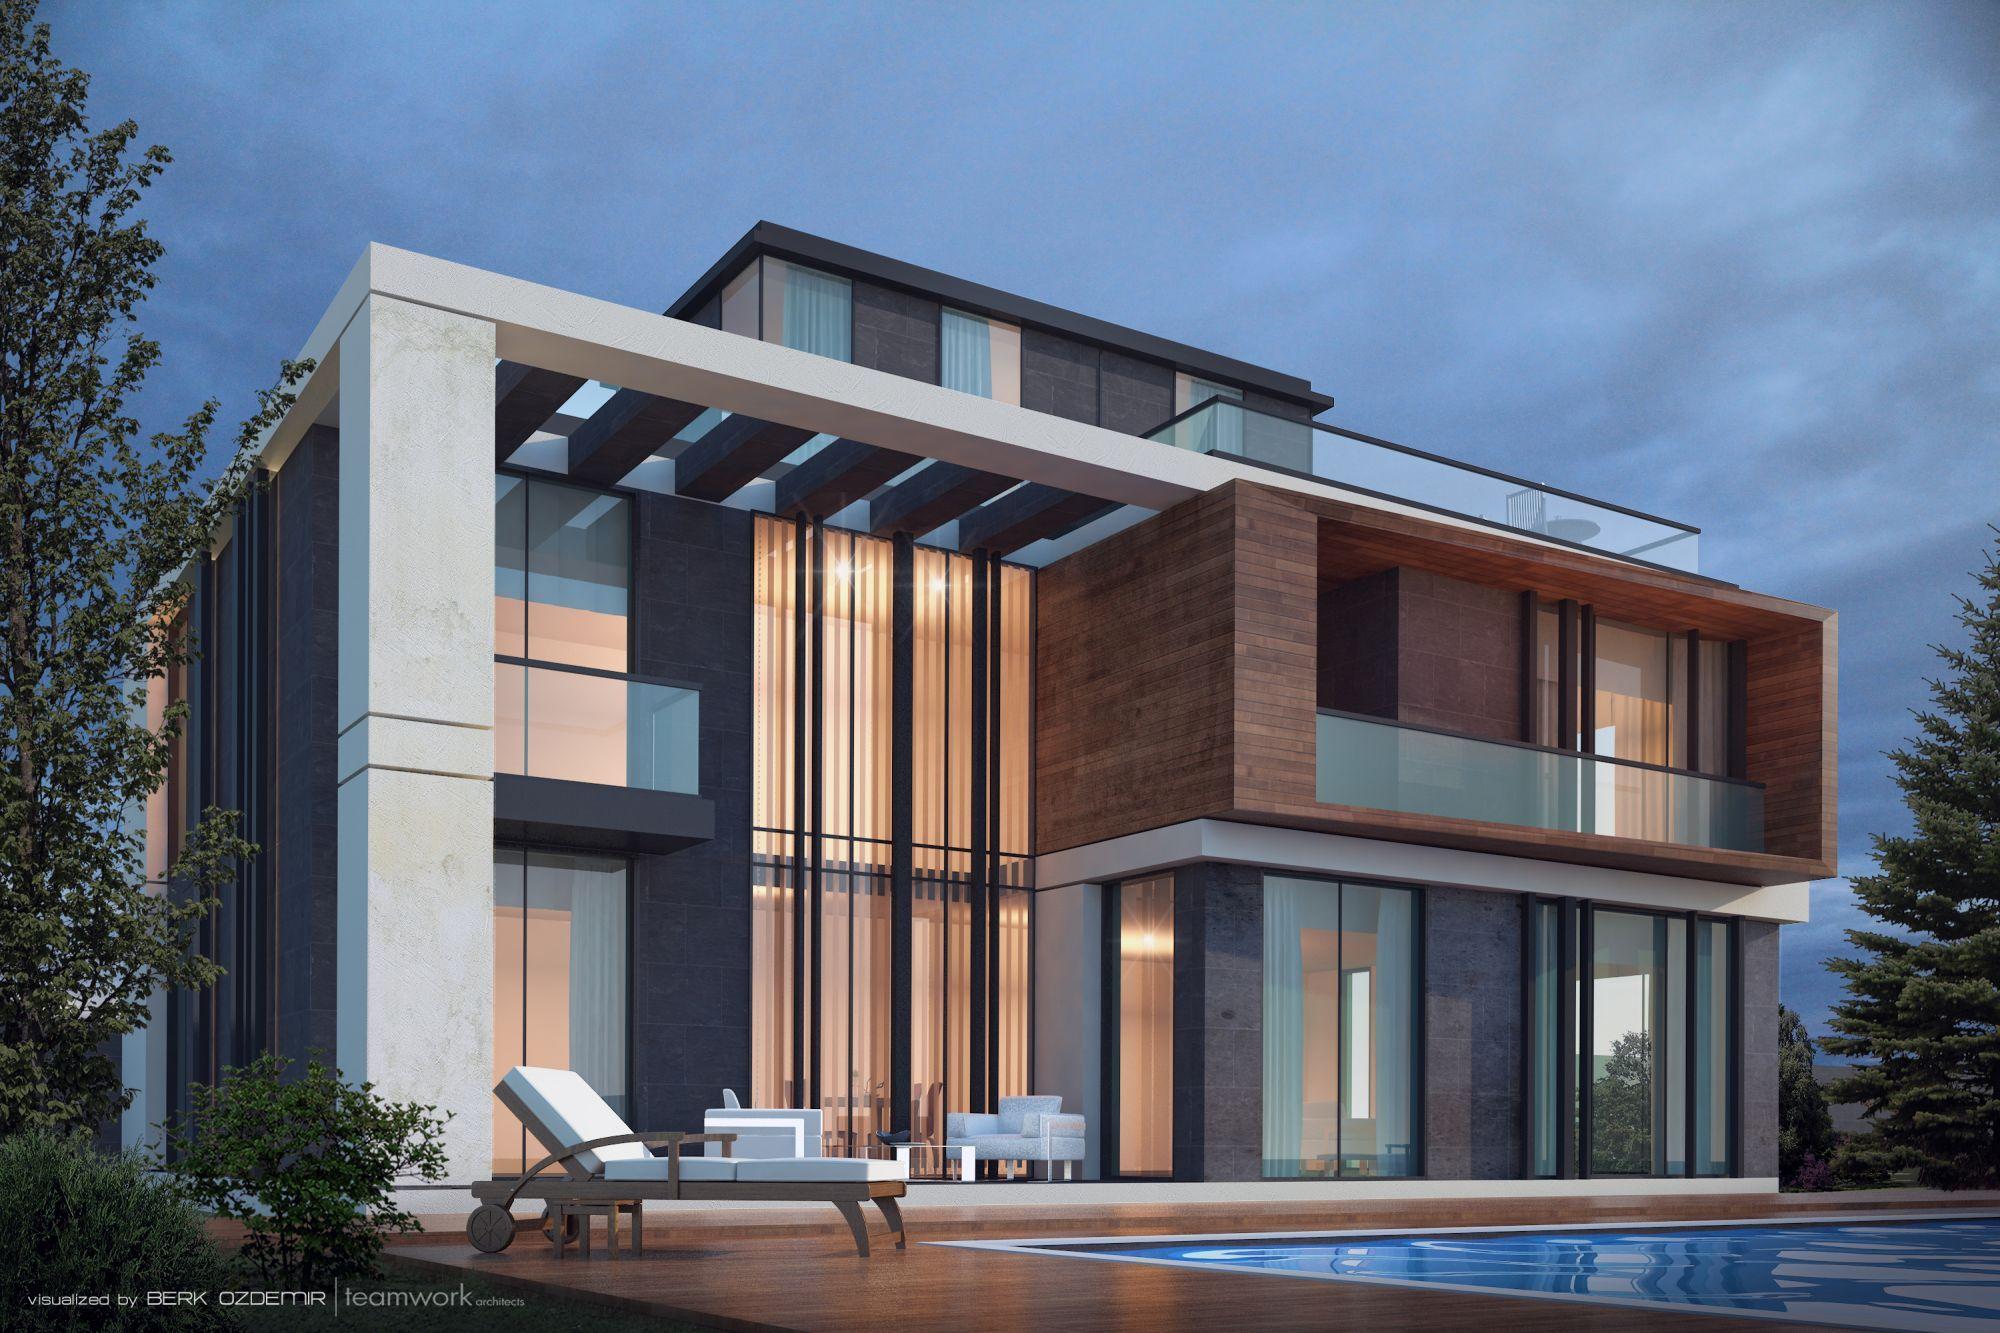 Modern Villa Design | Ecuador House Ideas - Rear View | Pinterest ...